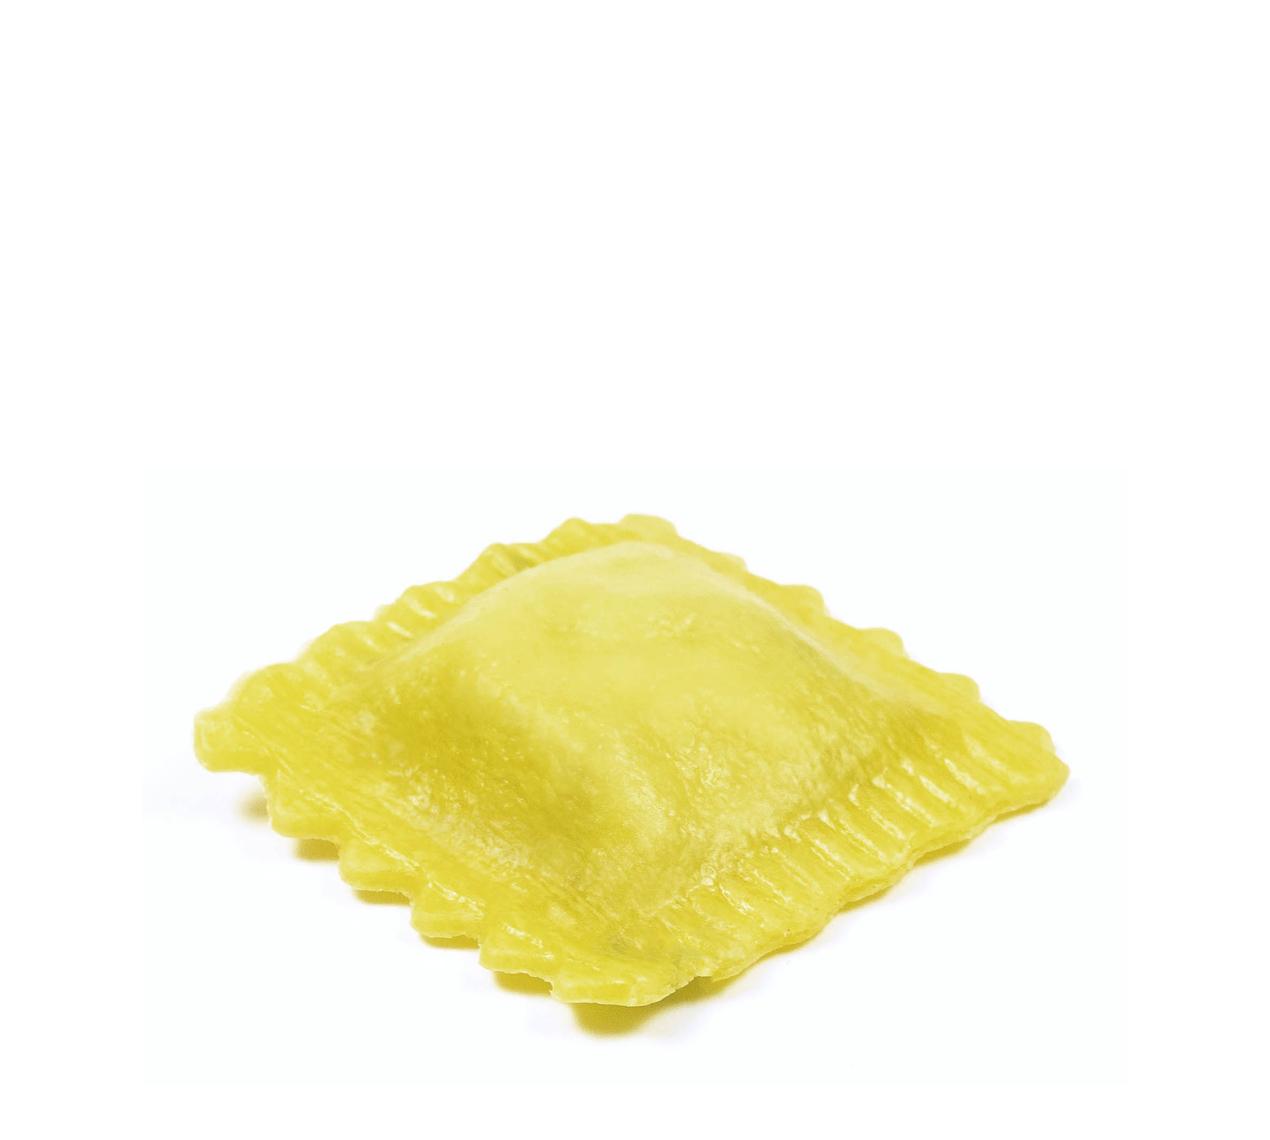 Pastificio_La_Fenice_pasta_fresca_pasta_surgelata_ravioli_ricotta_e_spinaci_con_sale_dolce_di_cervia